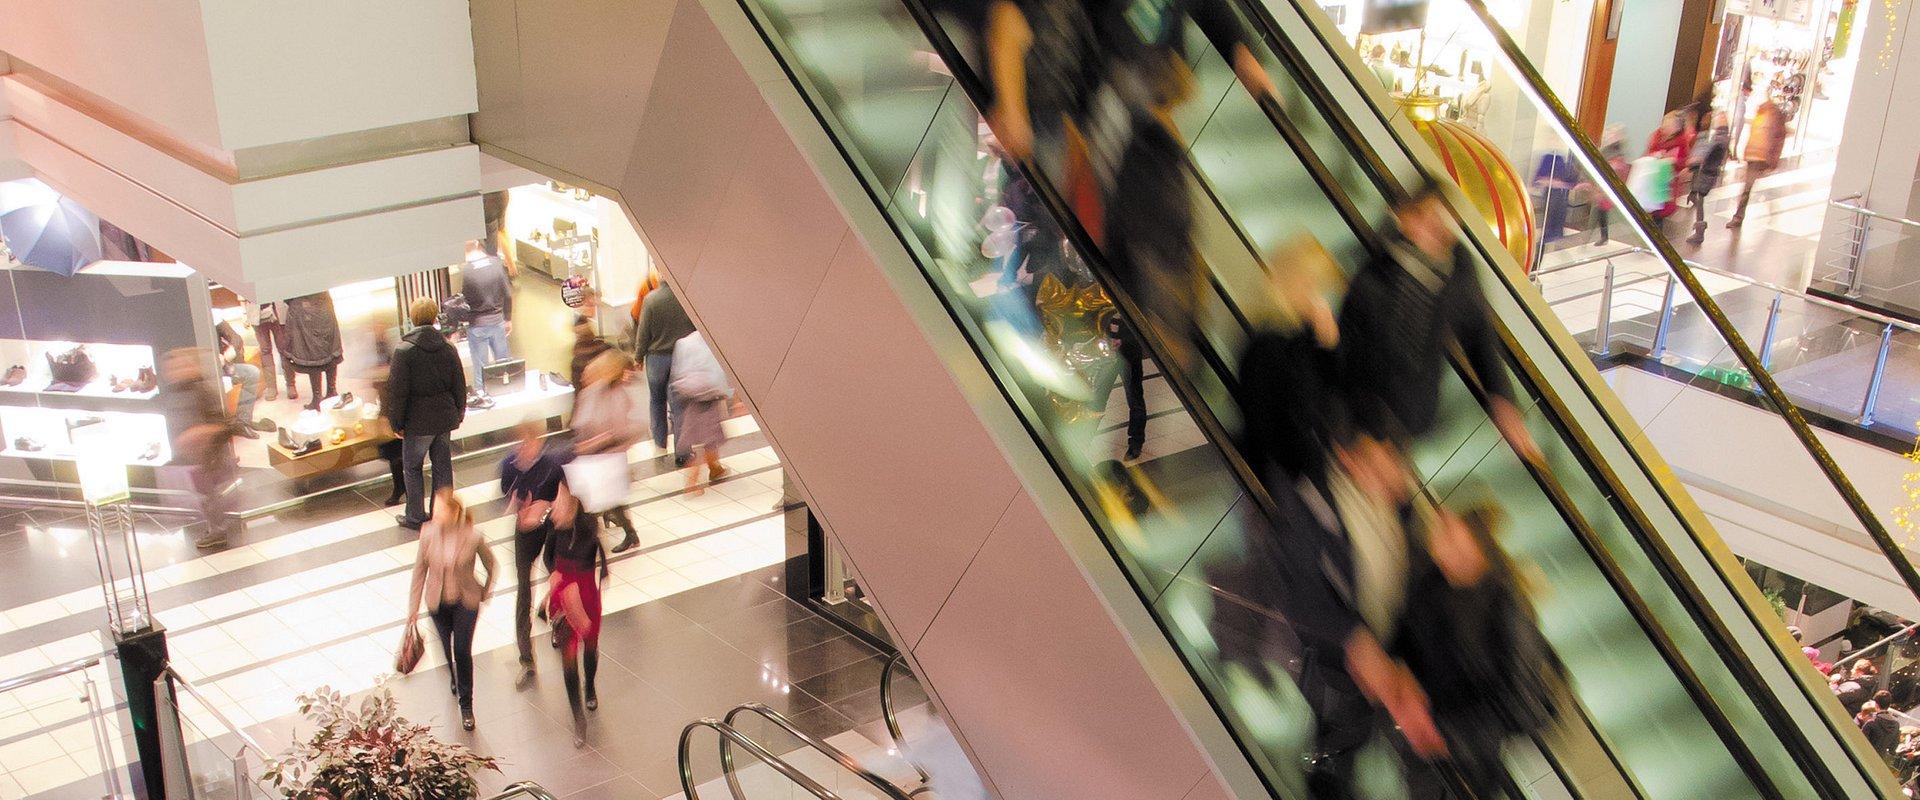 Rynek pod presją licznych wyzwań i w obliczu strukturalnych zmian